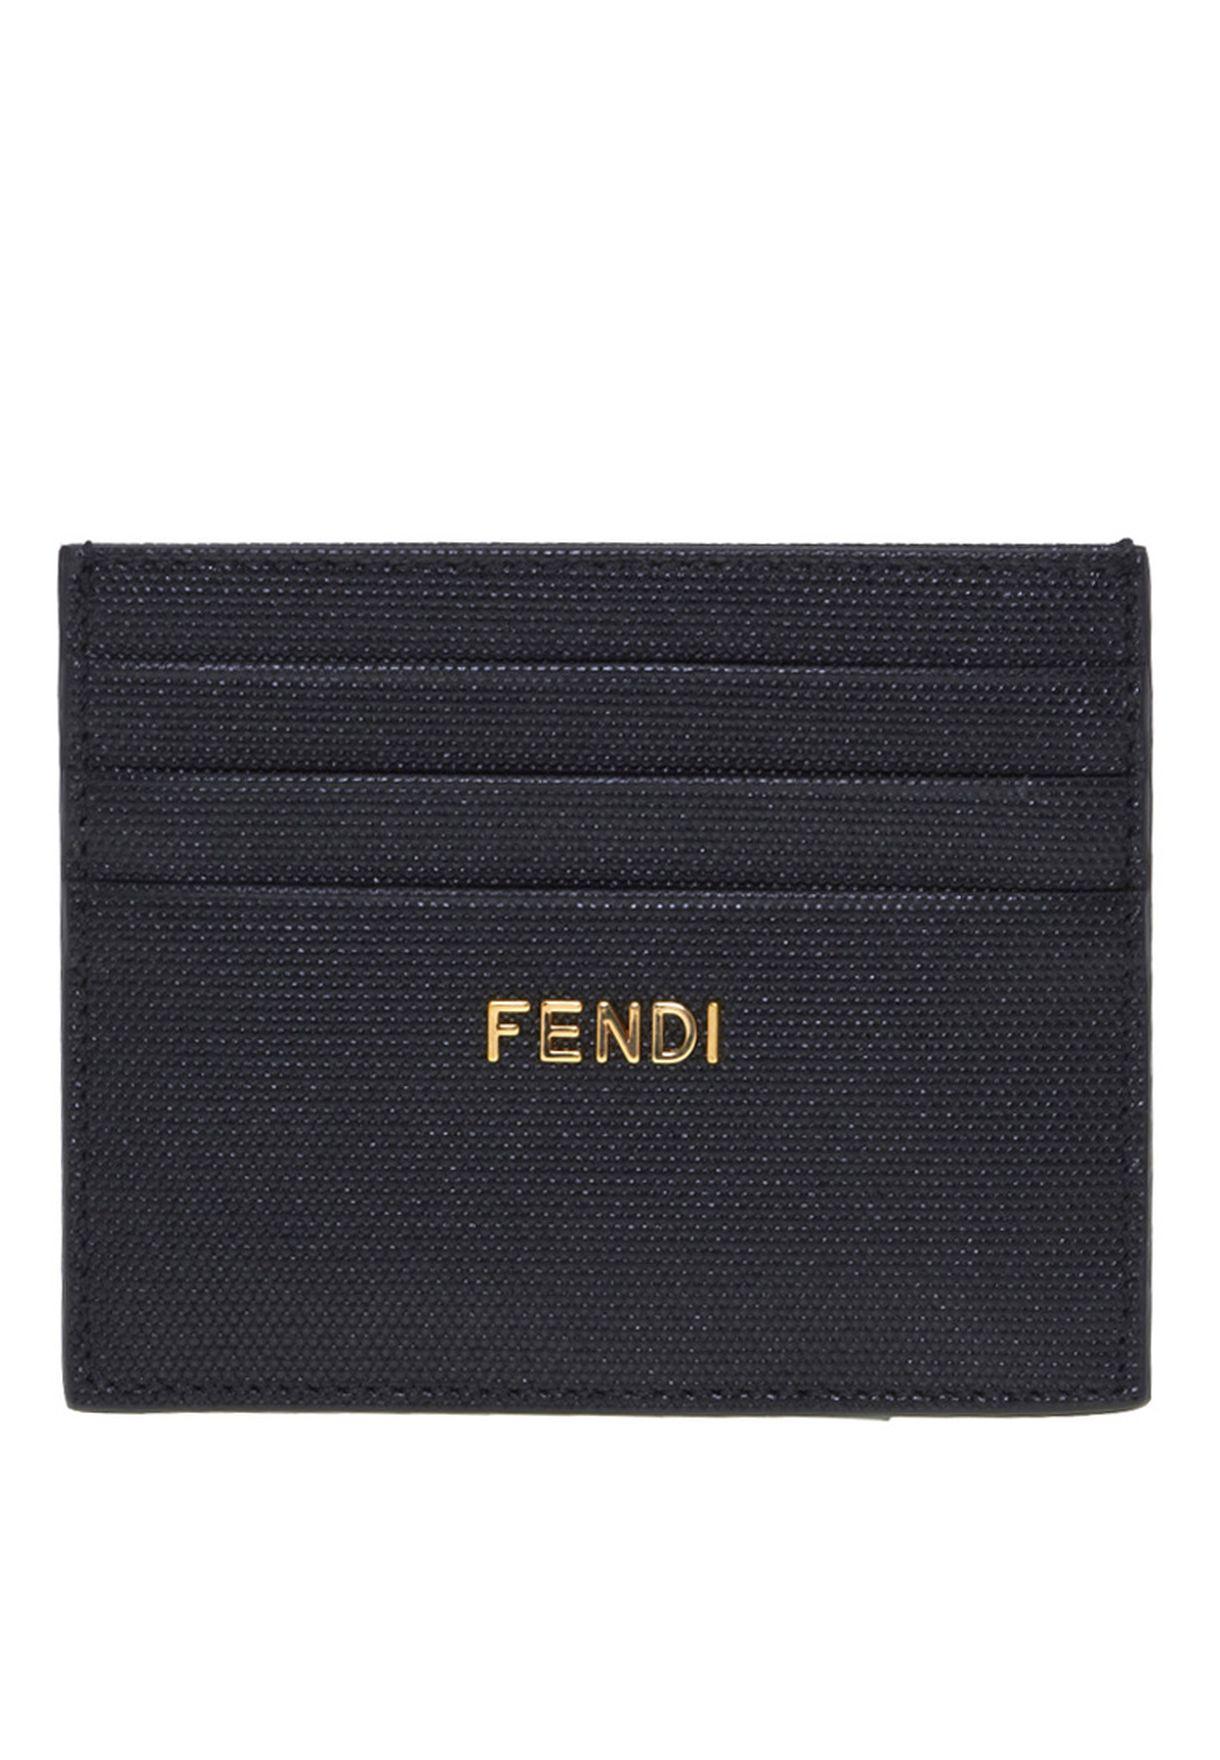 cc8515e0c6f8 Shop Fendi black Card Holder for Women in Kuwait - FE270AC09RFQ